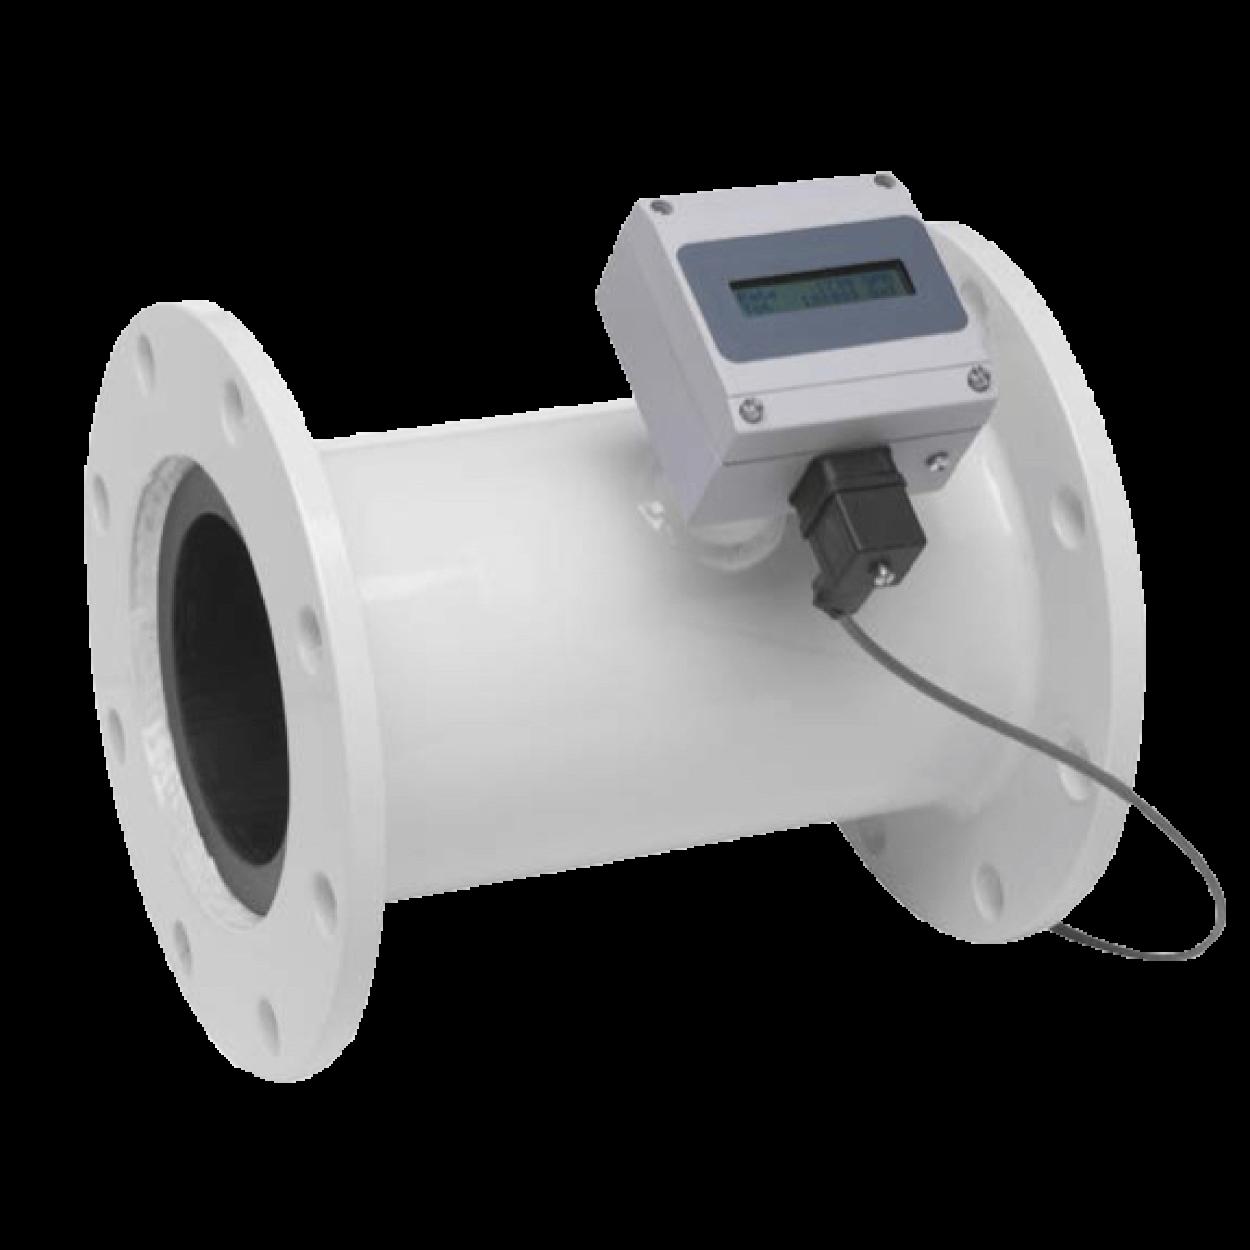 FL520_misuratore_portata_elettromagnetico